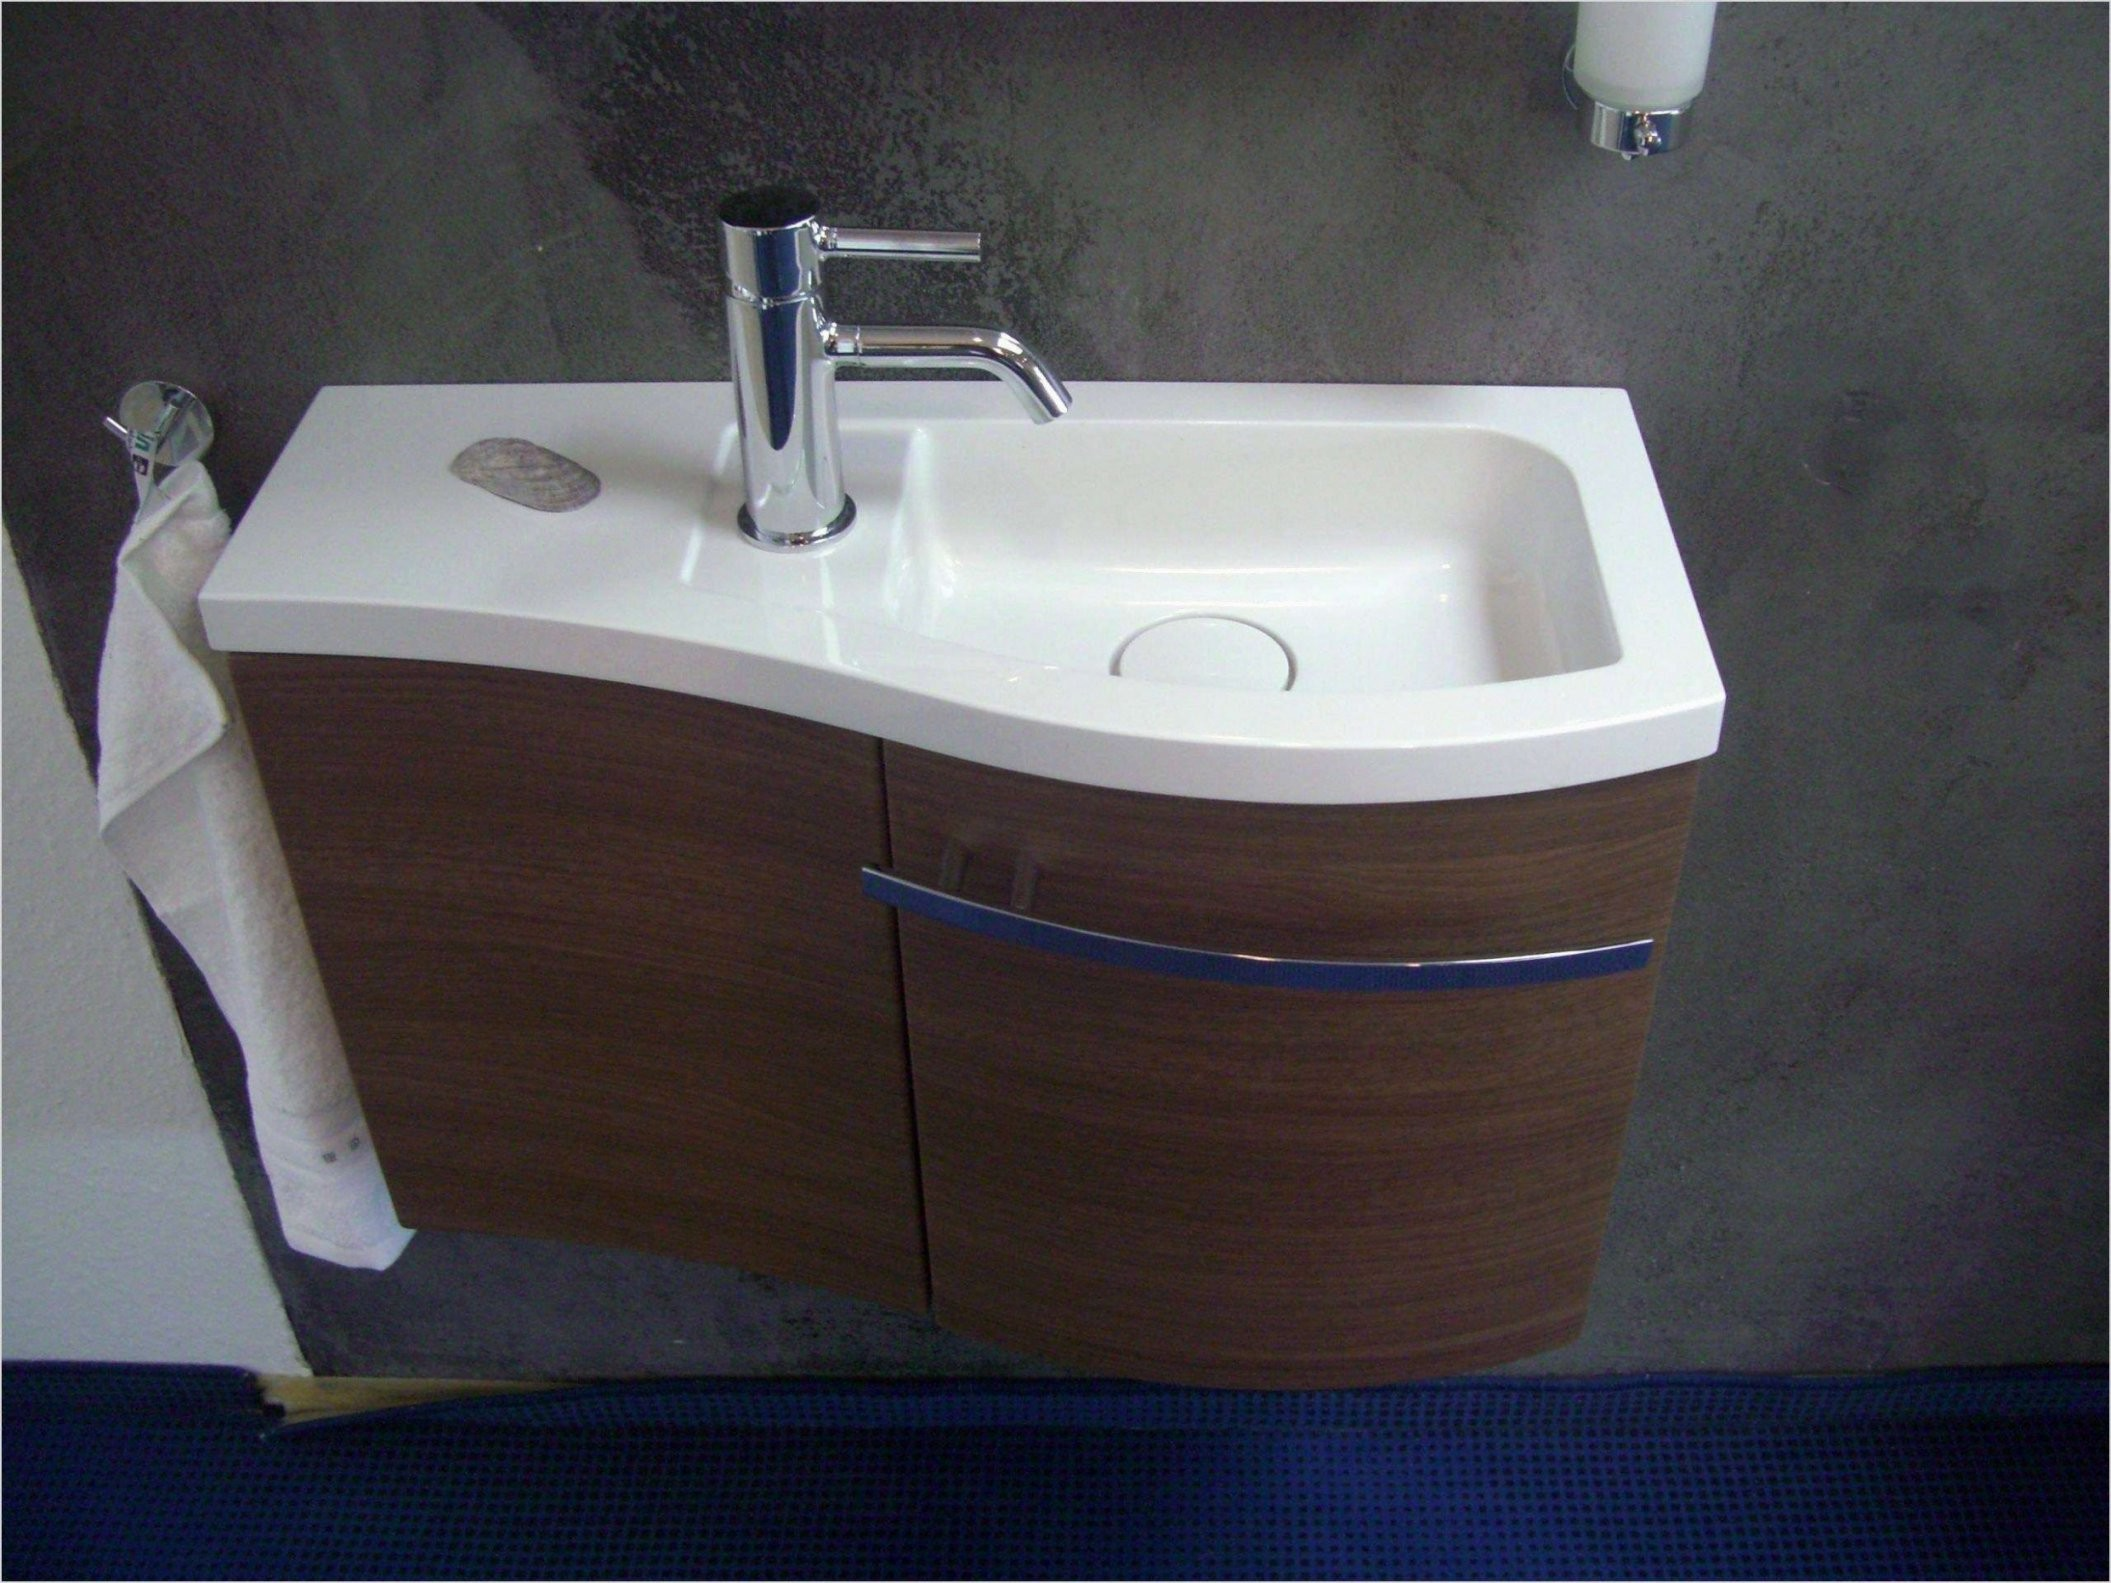 Gäste Wc Waschbecken Mit Unterschrank Weiß Frisch 47 Skizze von Kleines Waschbecken Mit Unterschrank Für Gäste Wc Bild